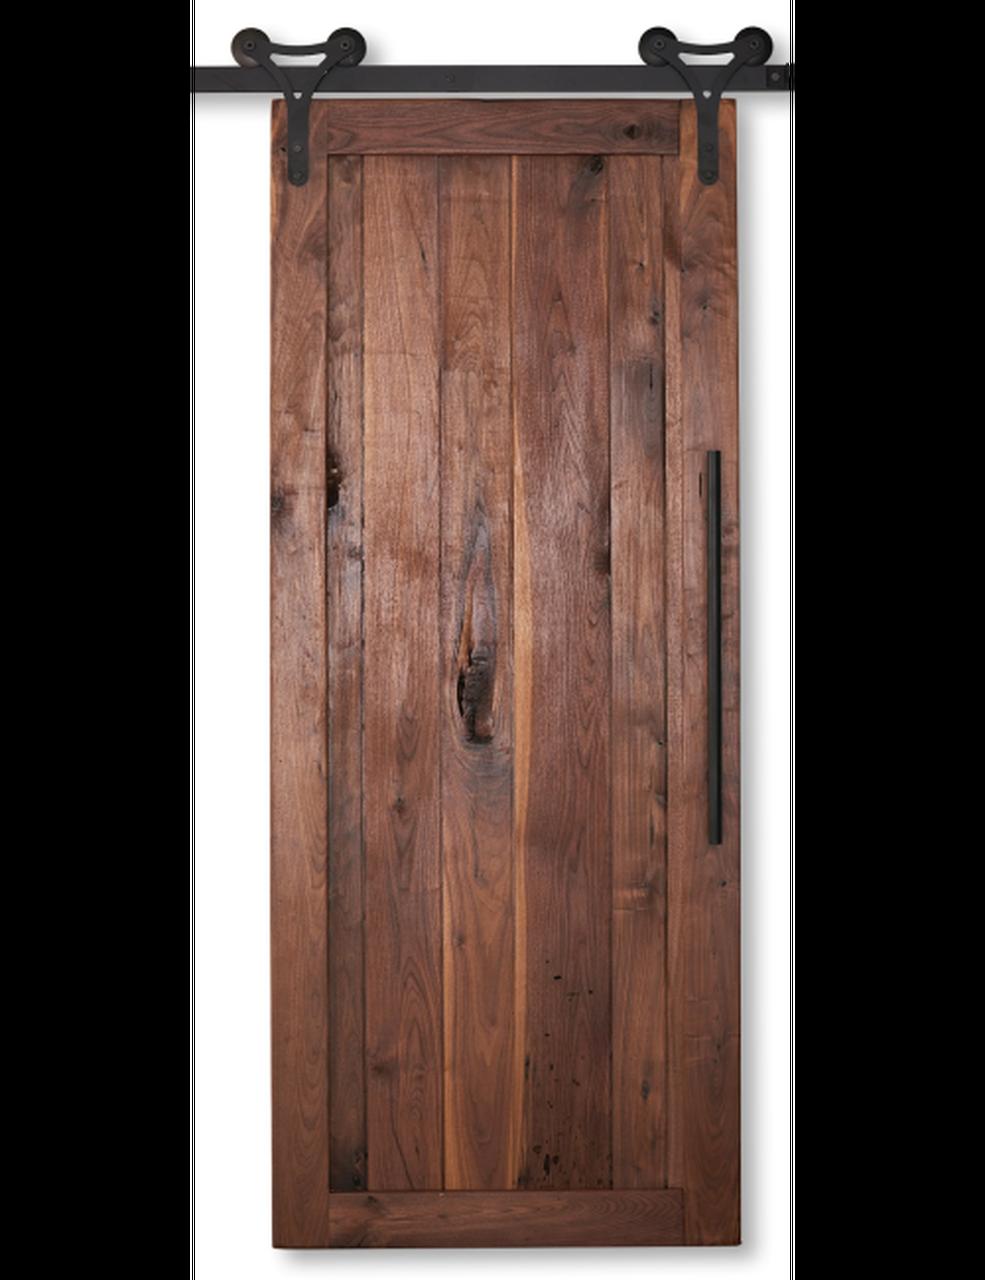 walnut wood vertical plank barn door